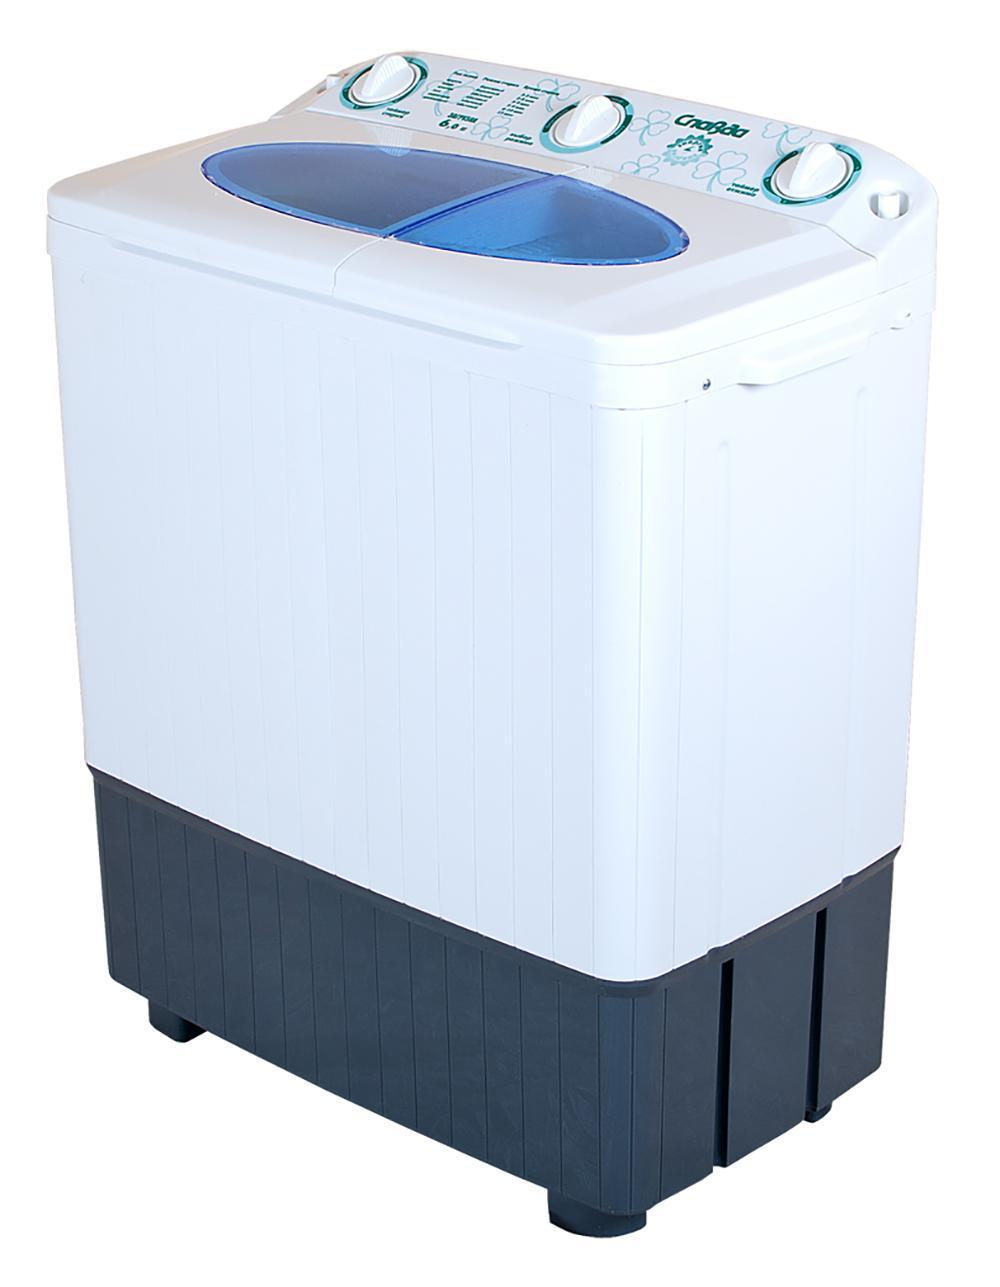 Славда WS-60PET стиральная машина4650000914577Стиральная машина полуавтомат Сладва WS-60РET российского производства с вертикальной загрузкой имеет бак объемом 6 кг, а также механическое управление. Новый, более мощный двигатель, повышает эффективность стирки. Эксклюзивная форма активатора, направлено распределяет потоки воды, что улучшает качество стирки.